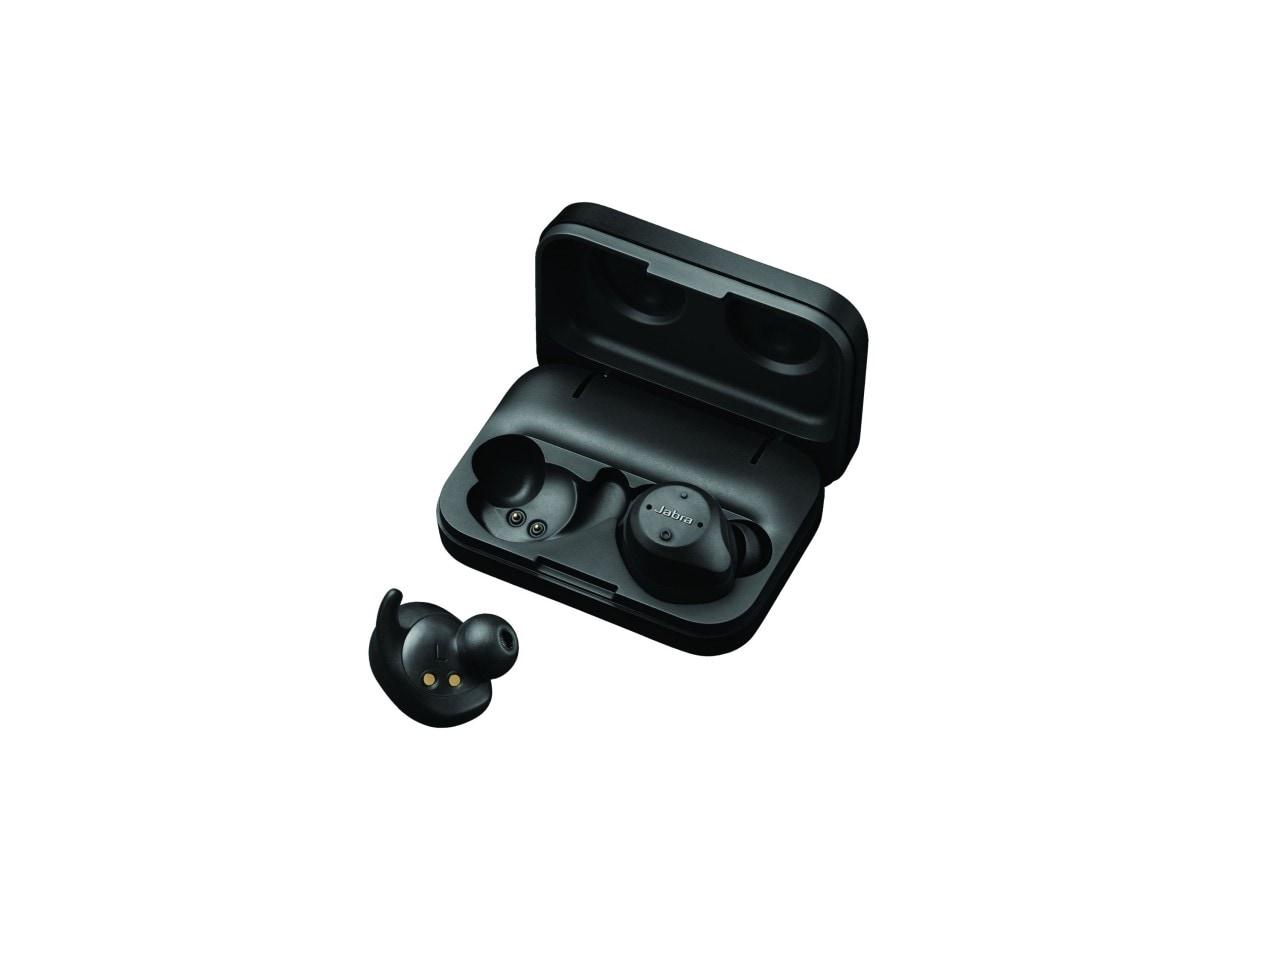 Jabra Elite Sport product adshot 1on1 case white